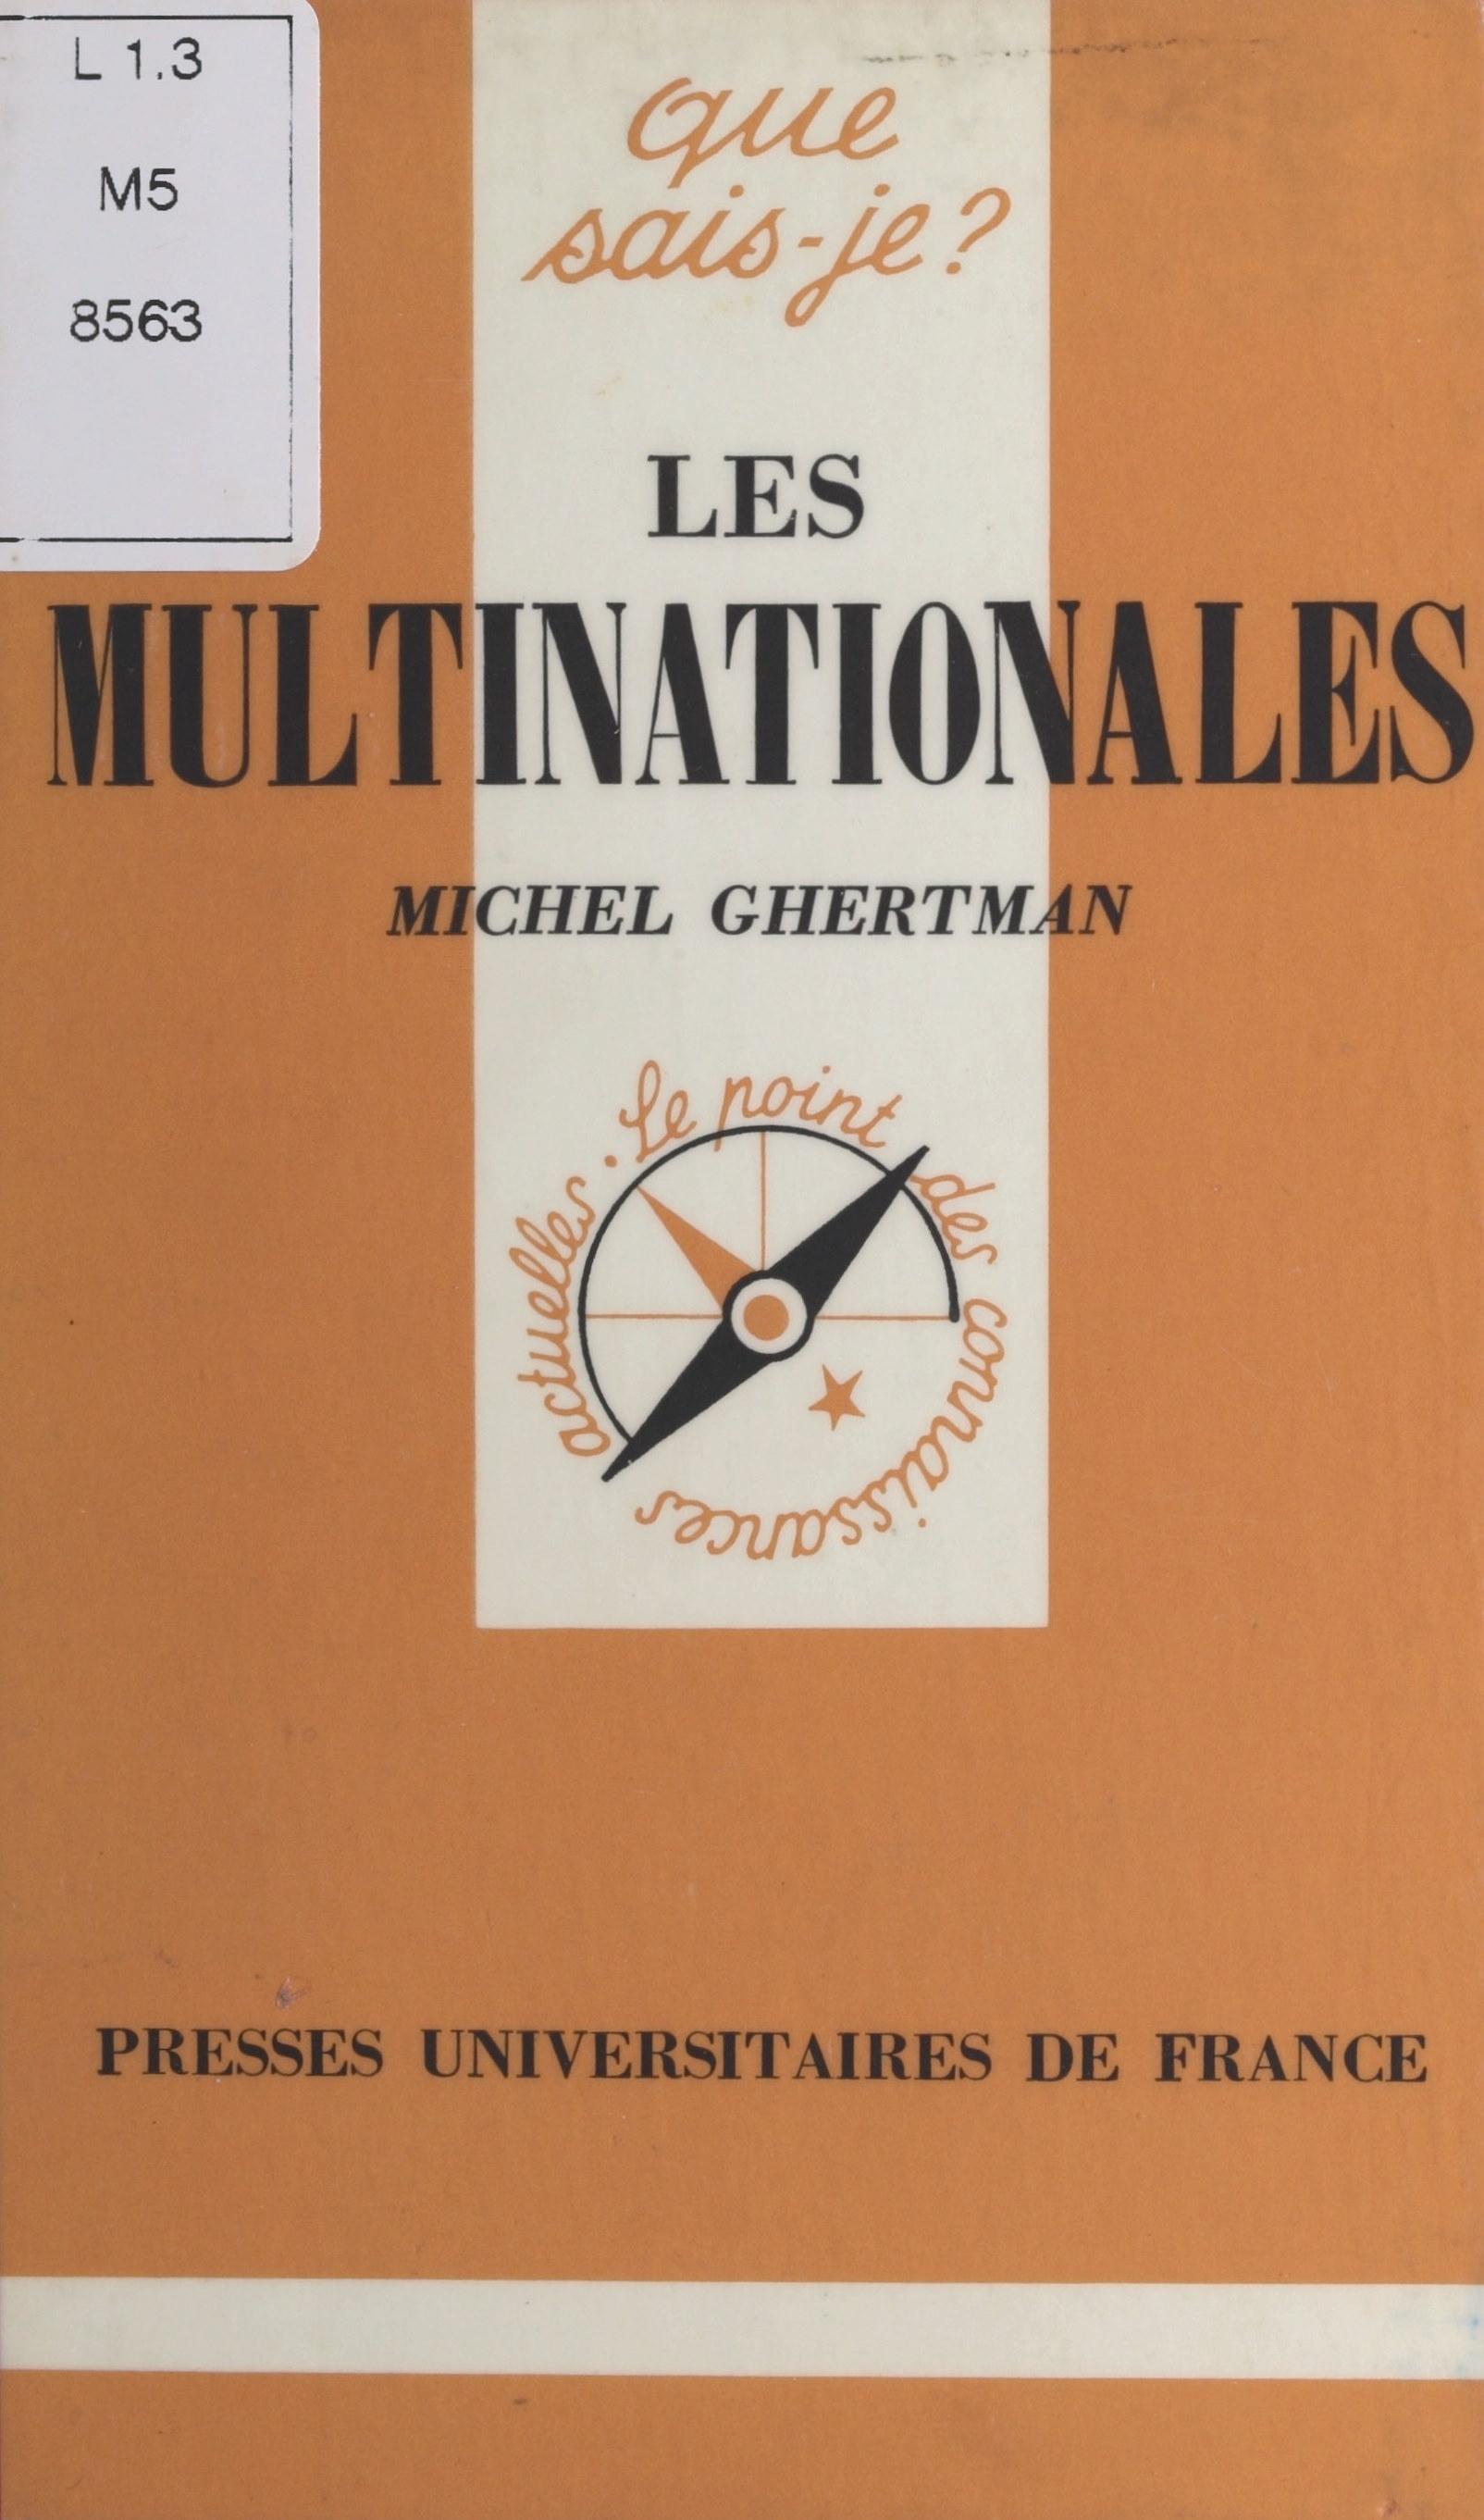 Les Multinationales